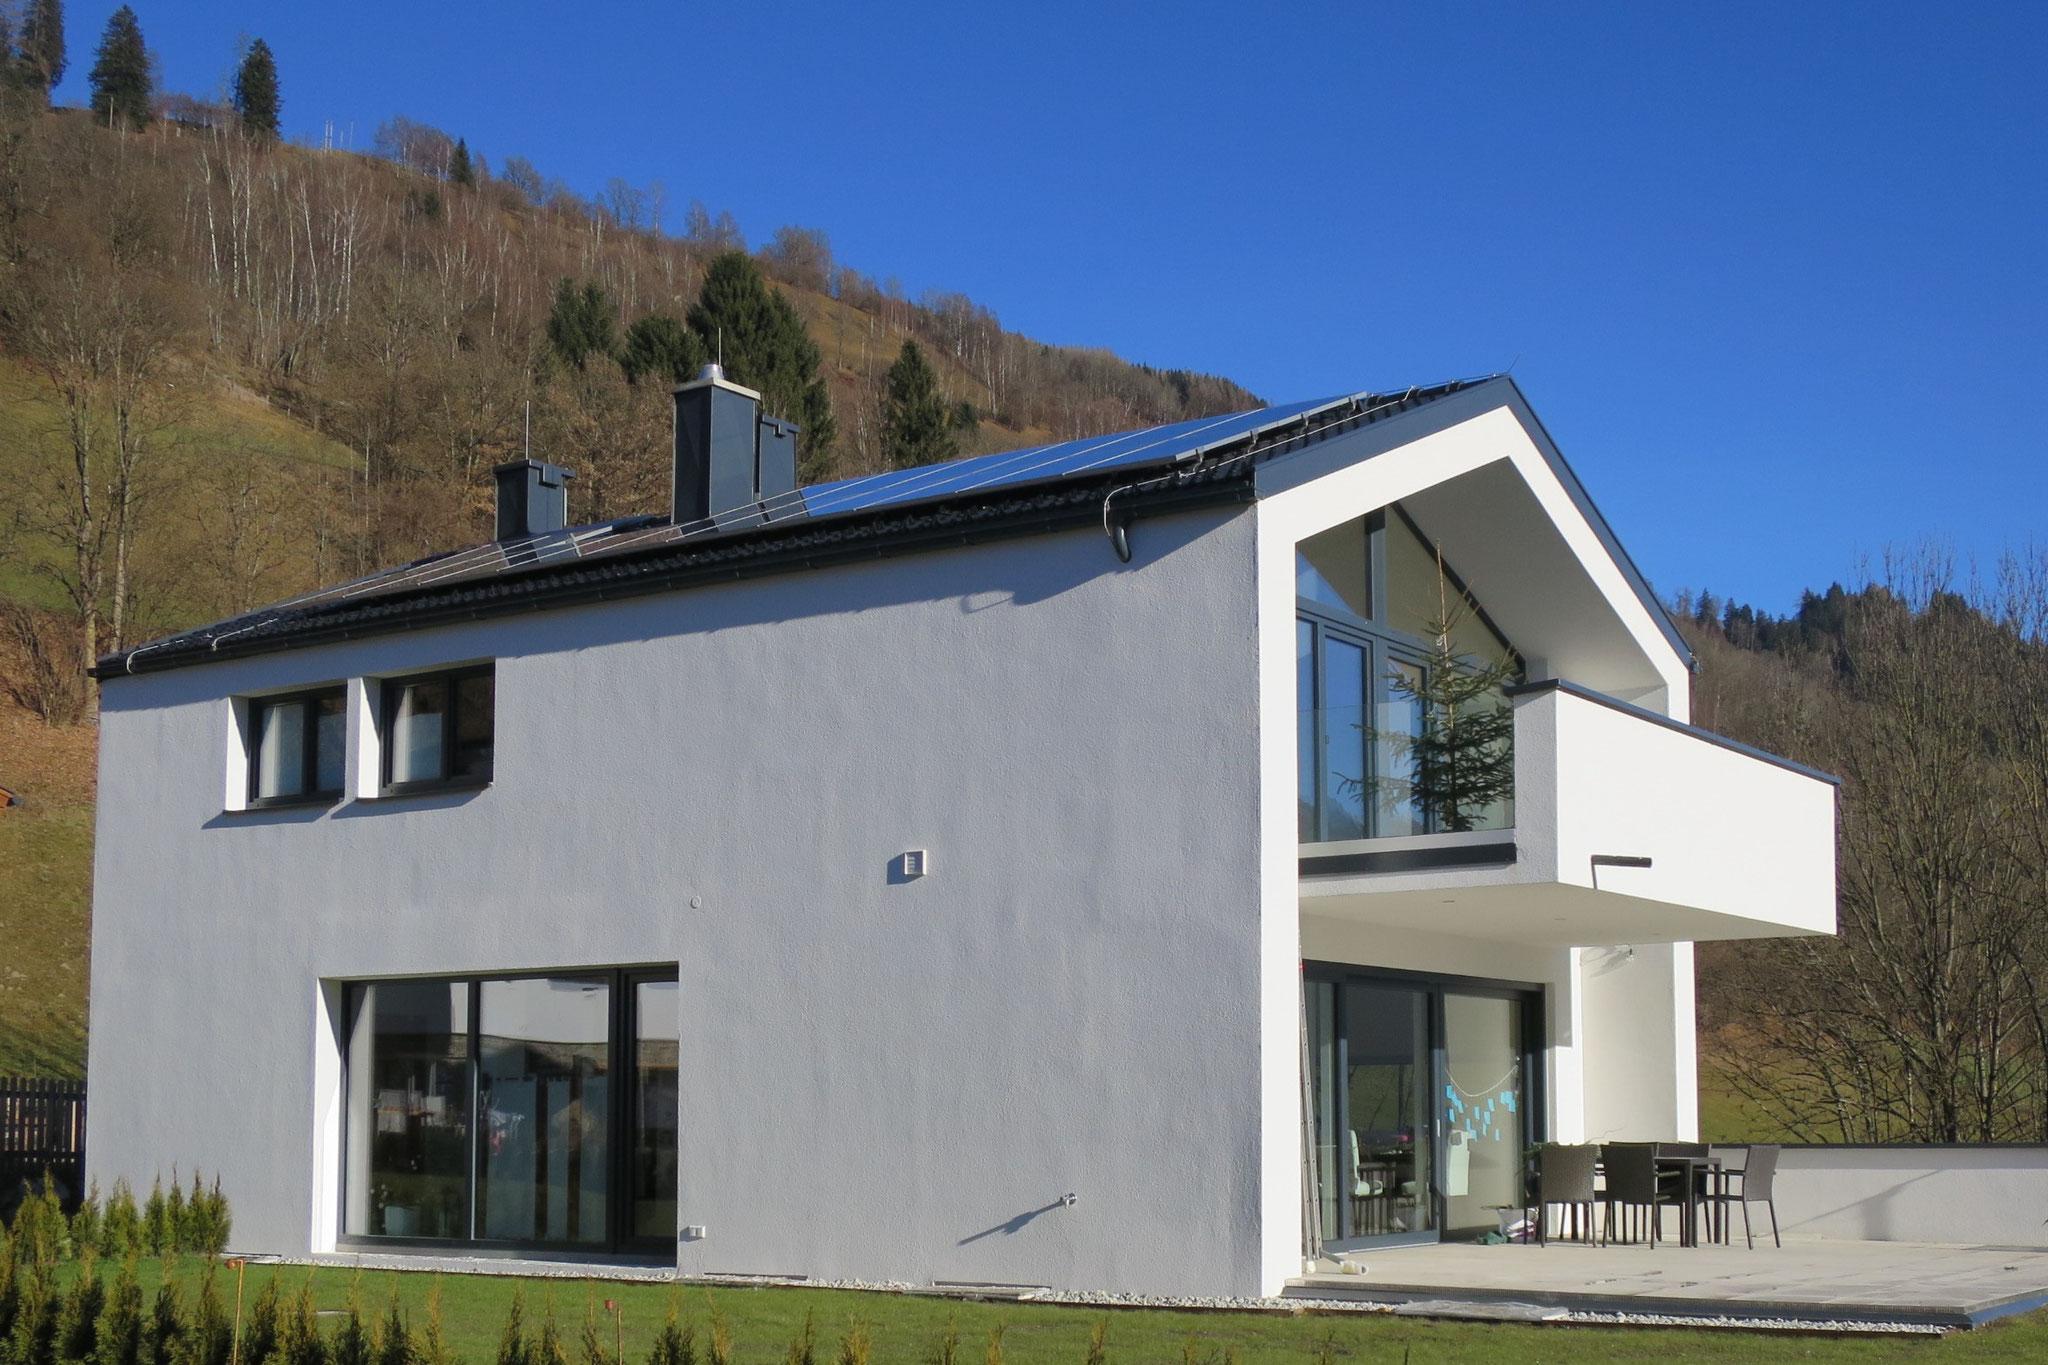 Einfamilienhaus in Niedernsill 2016 Gartenansicht